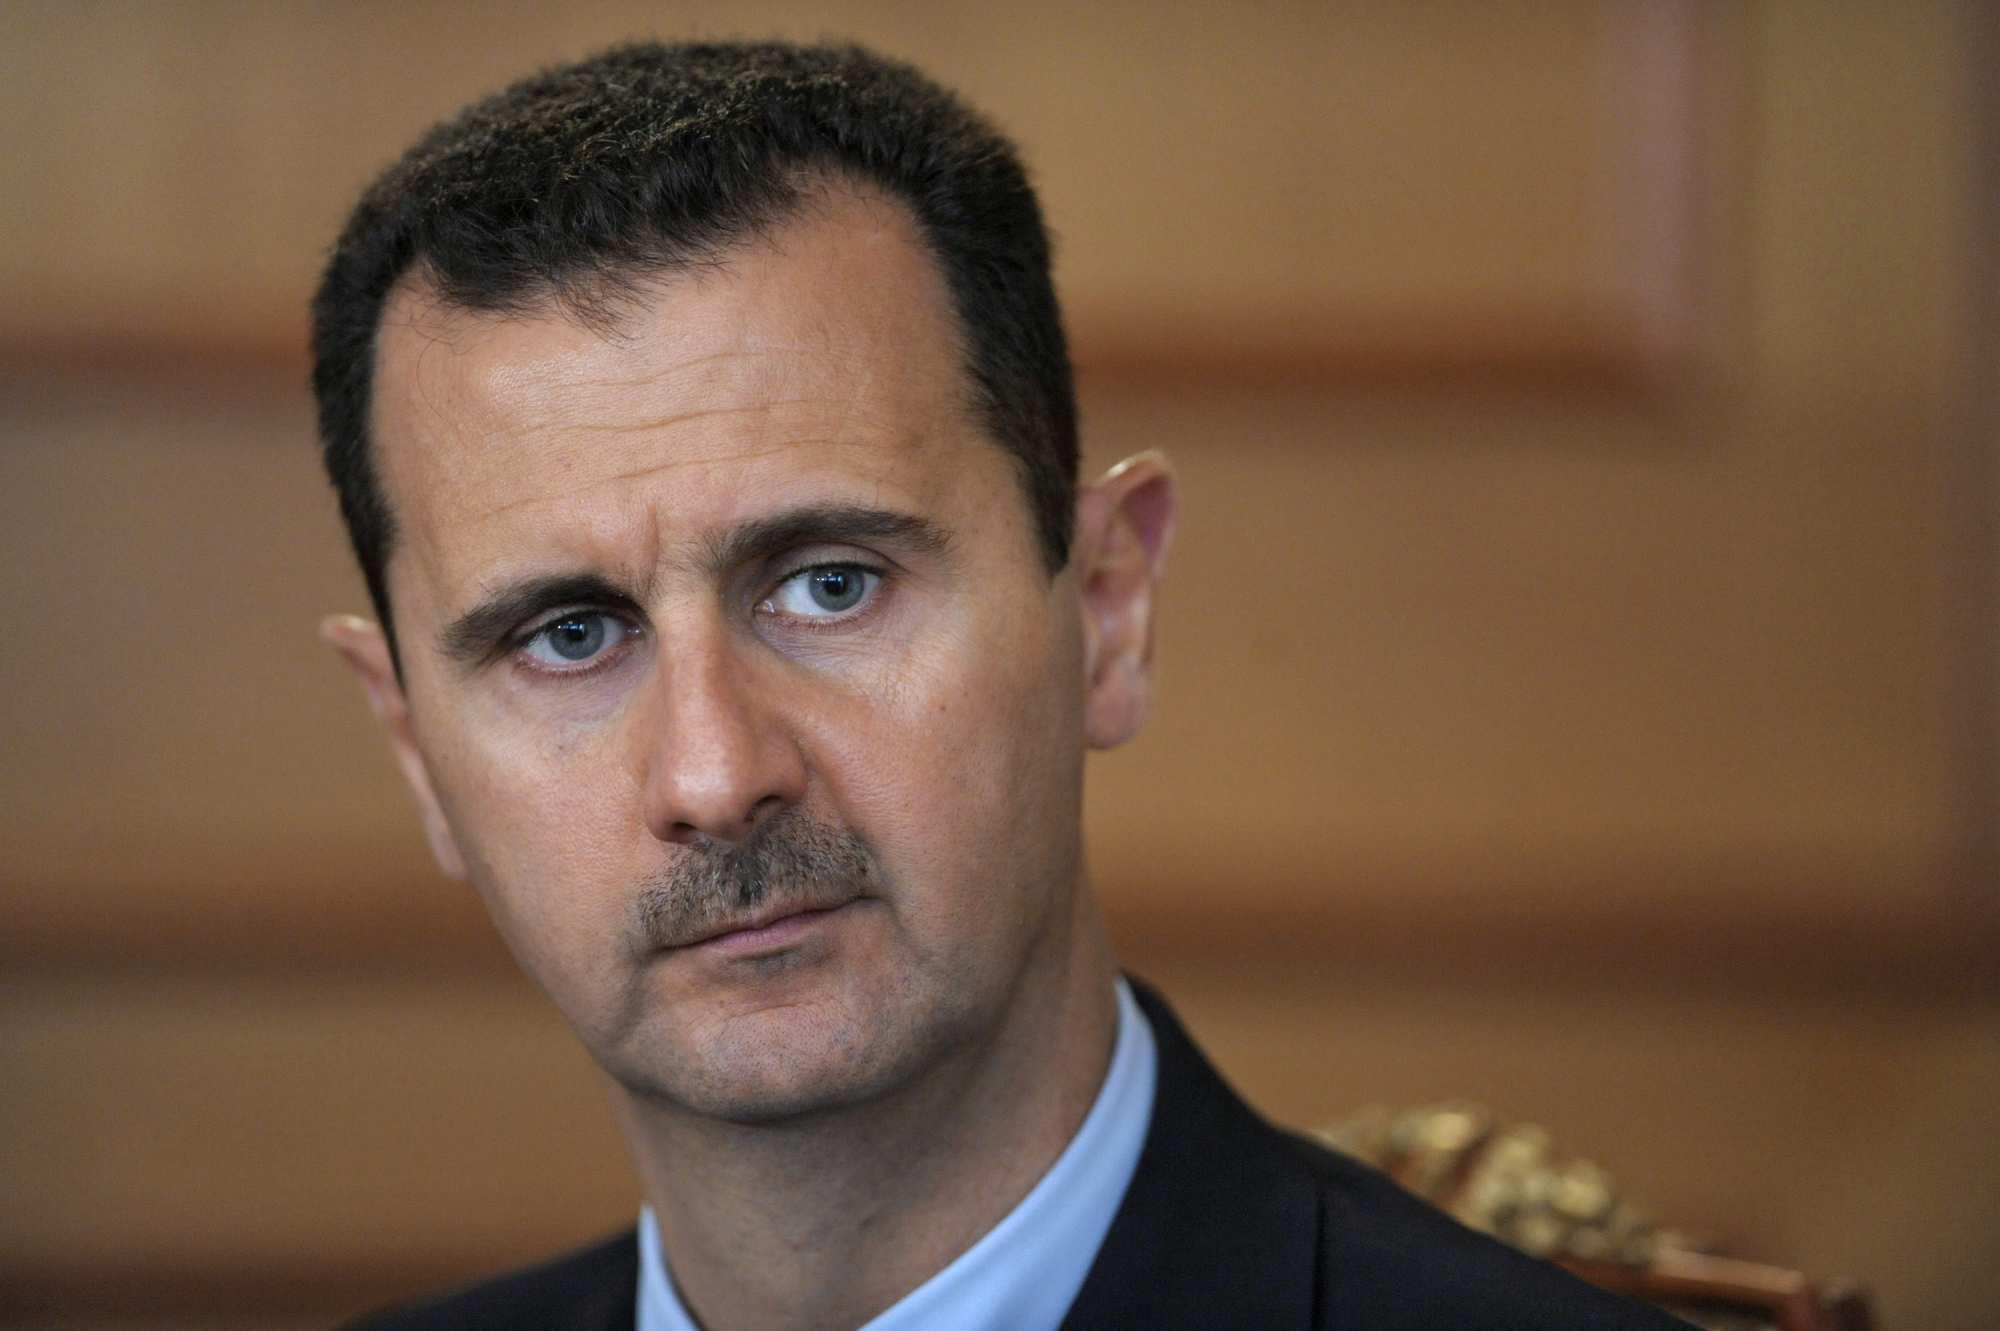 Асад объявил широкую амнистию длядезертиров вСирии | Русская весна